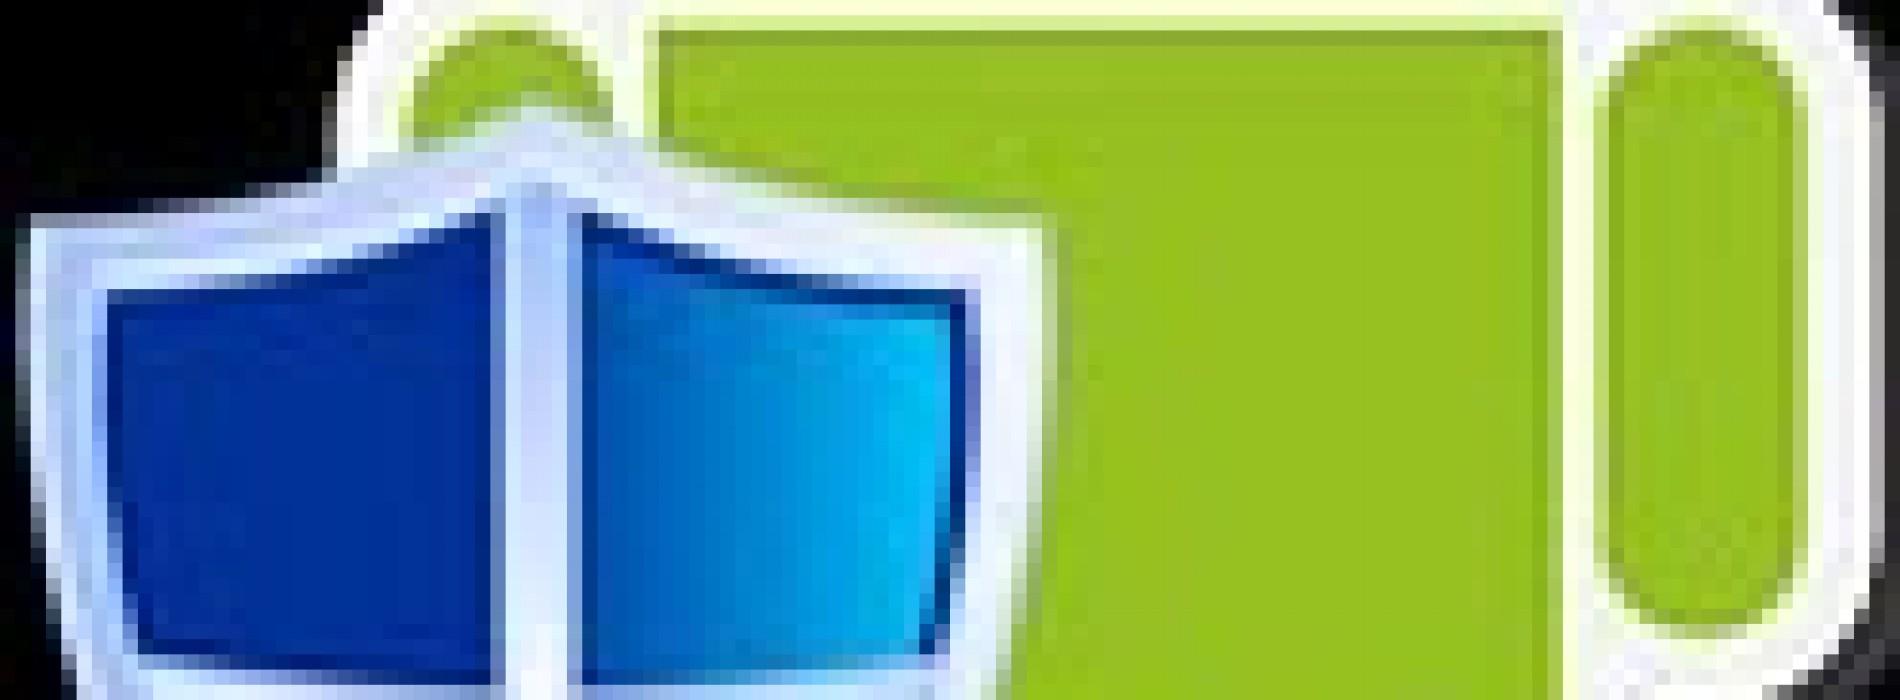 برنامج حماية للاندرويد 2 || Antivirus Free